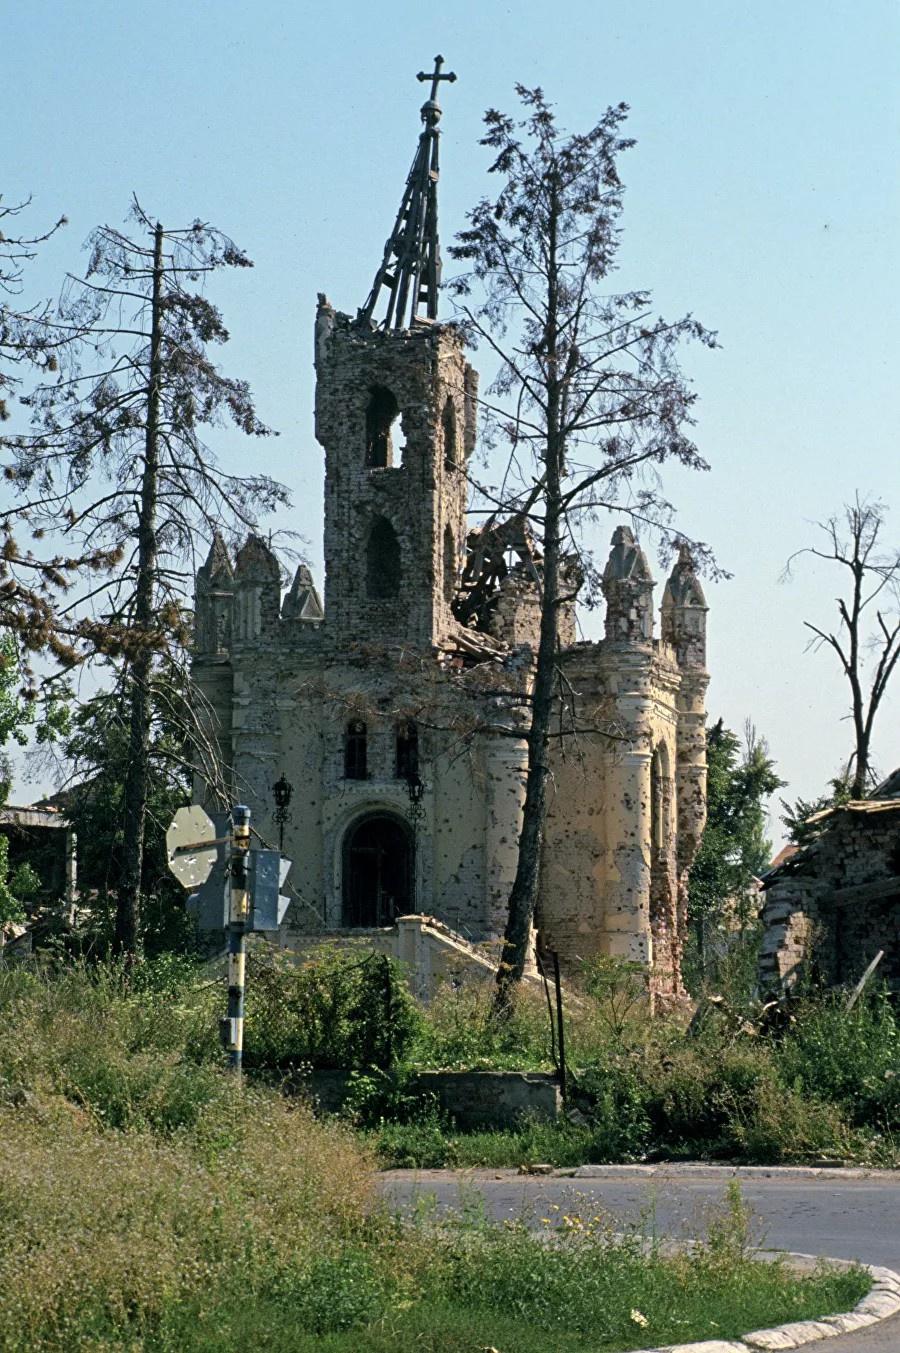 Хорваты и мусульмане рушили православные церкви. Московская и Сербская патриархия молчали, забыв сонмы своих убитых подвижников. Разрушенная церковь в городе Вуковаре. Напоминает русские, разрушенные большевиками?